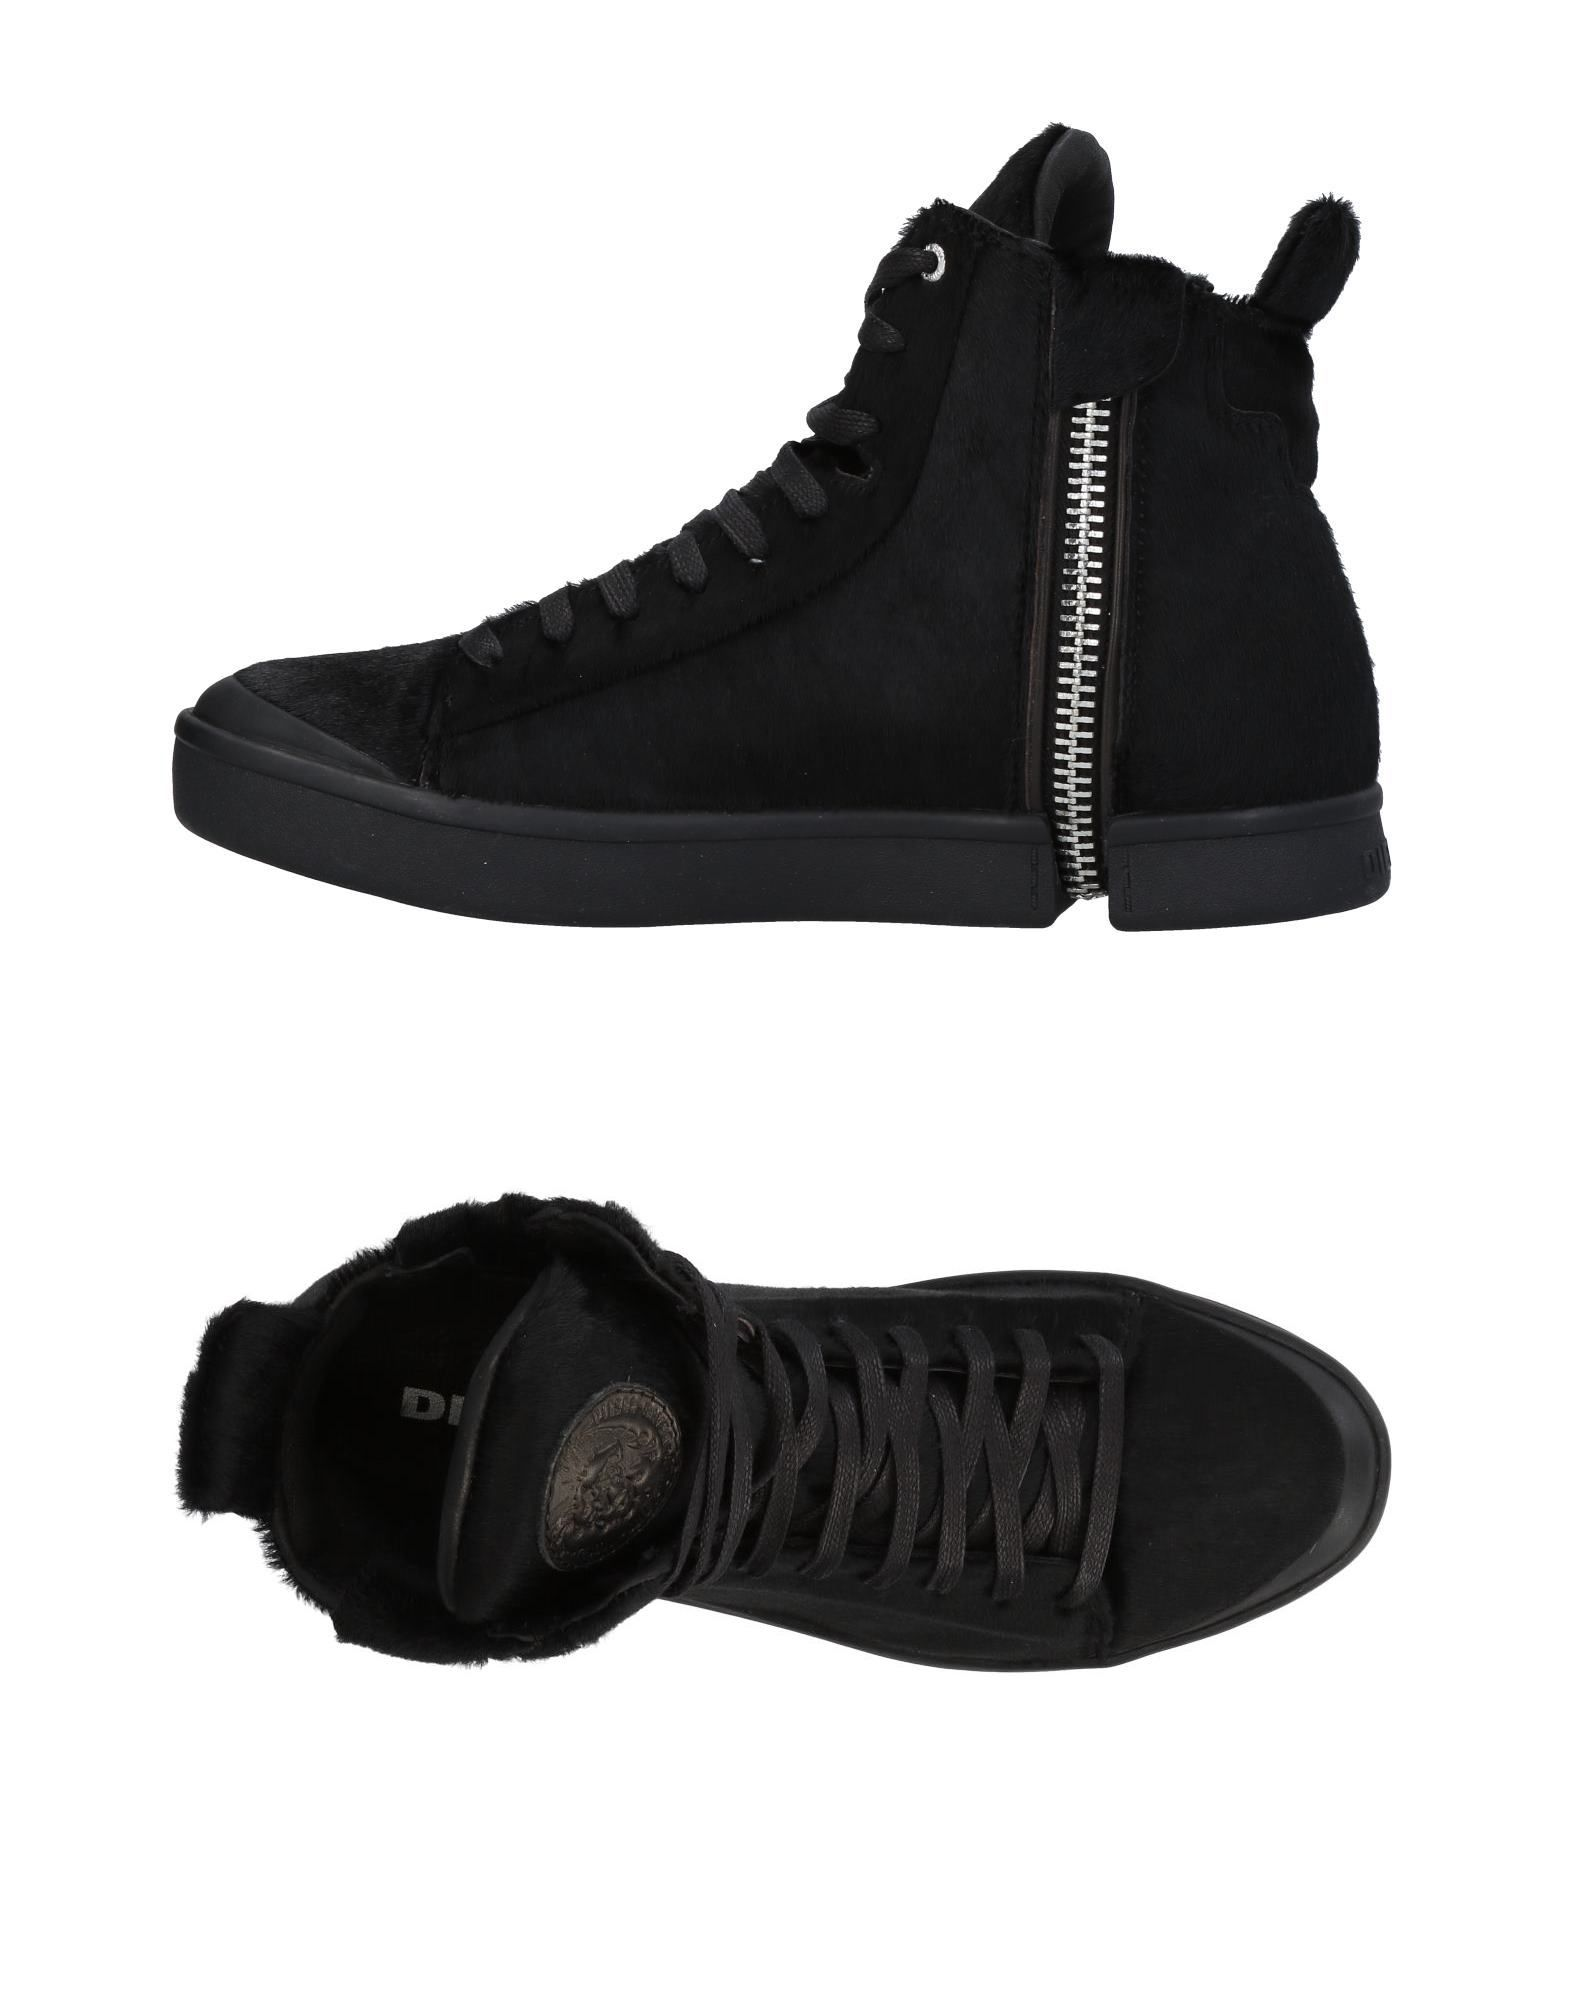 Sneakers Diesel Homme - Sneakers Diesel sur